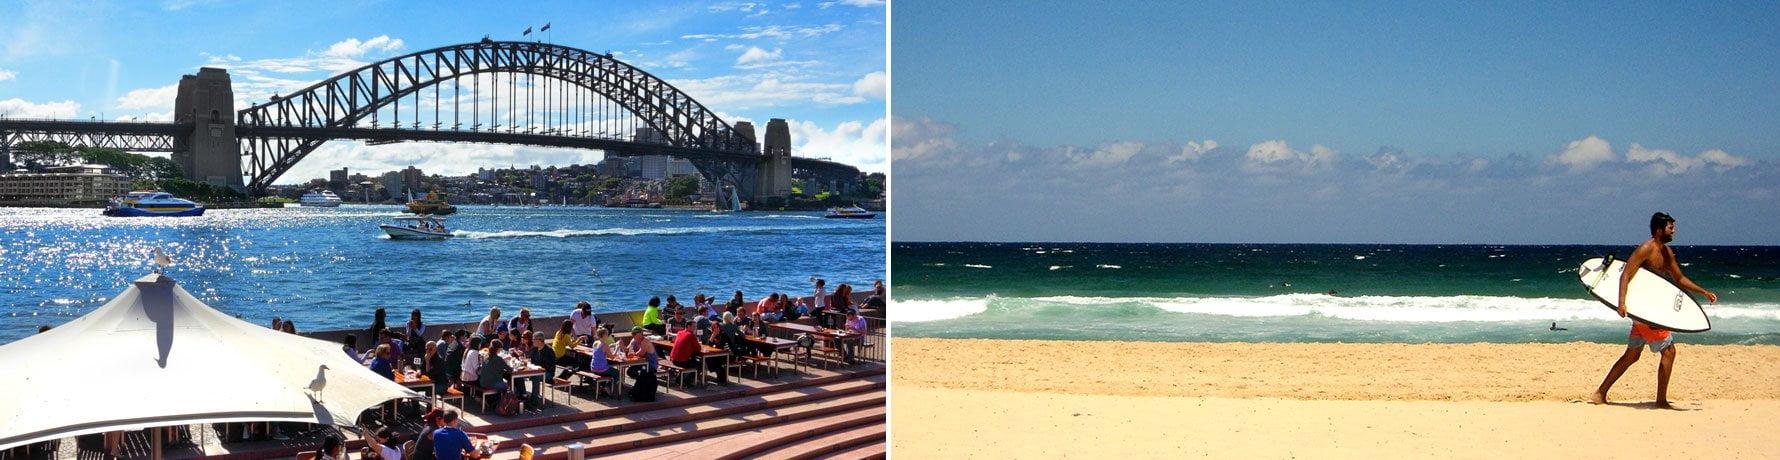 I motivi per cui decidere di Trasferirsi a Sydney in Australia